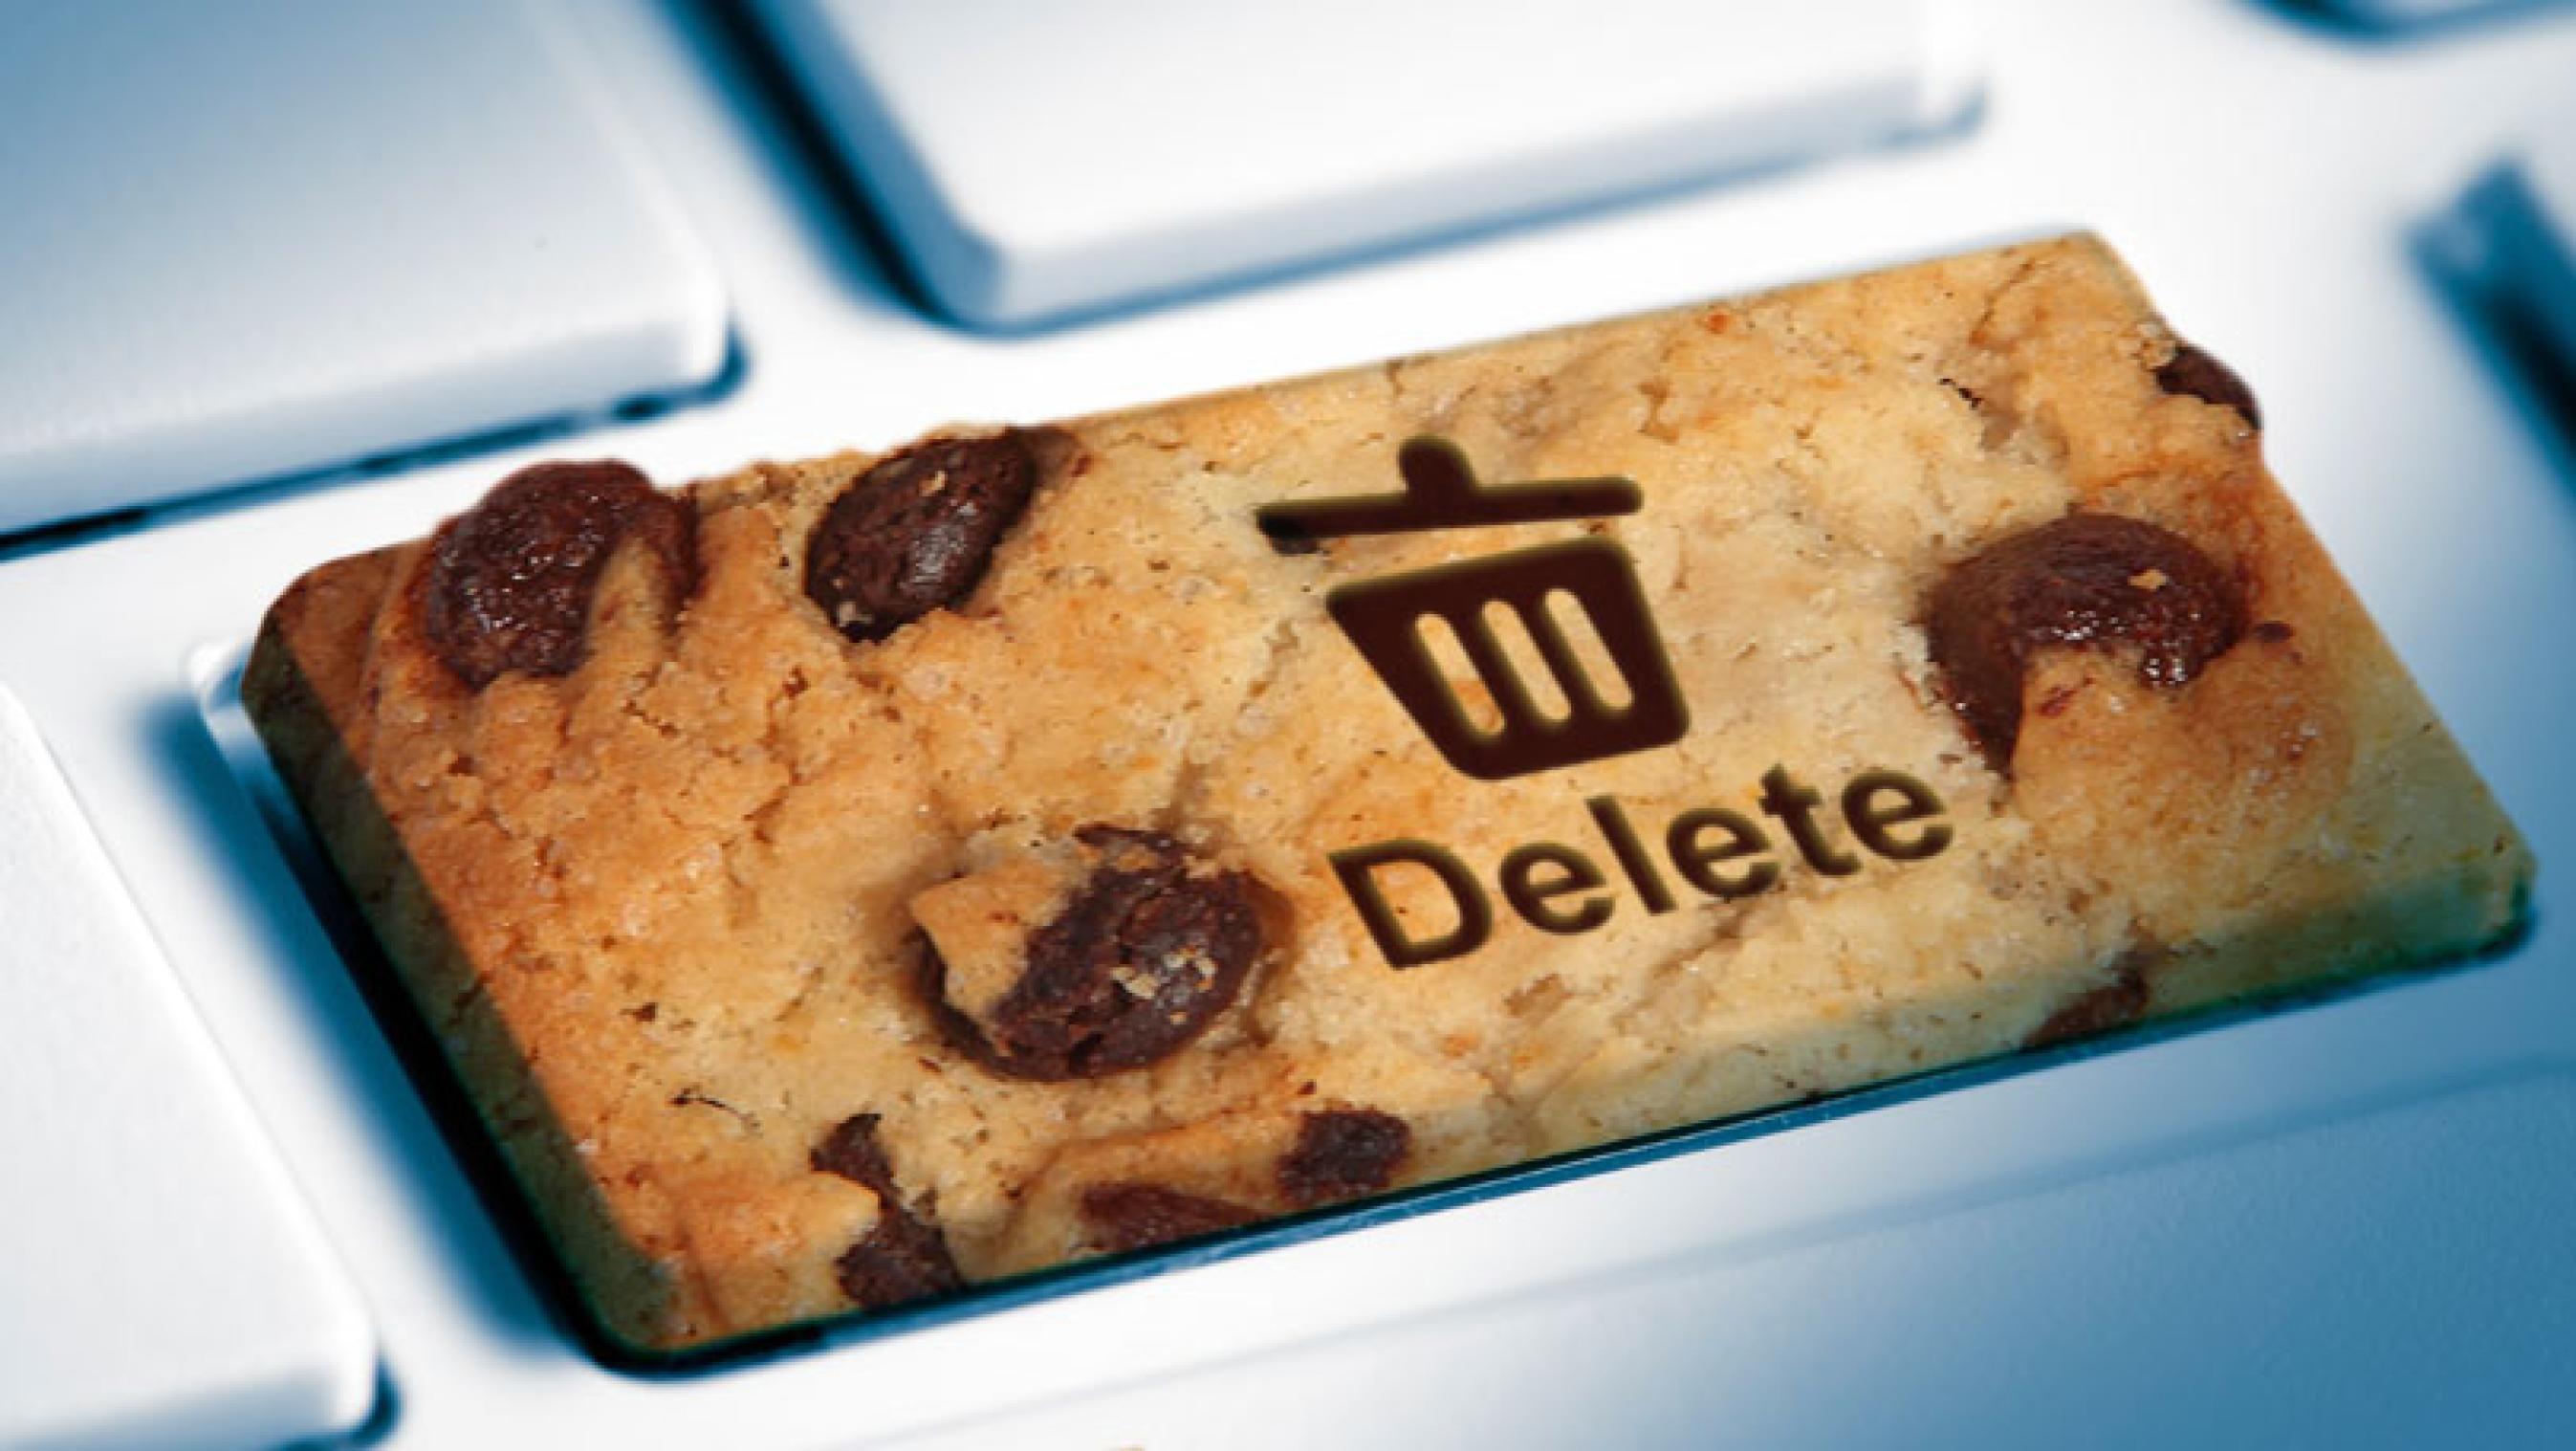 Fim dos cookies. Início da nova era de dados do marketing.